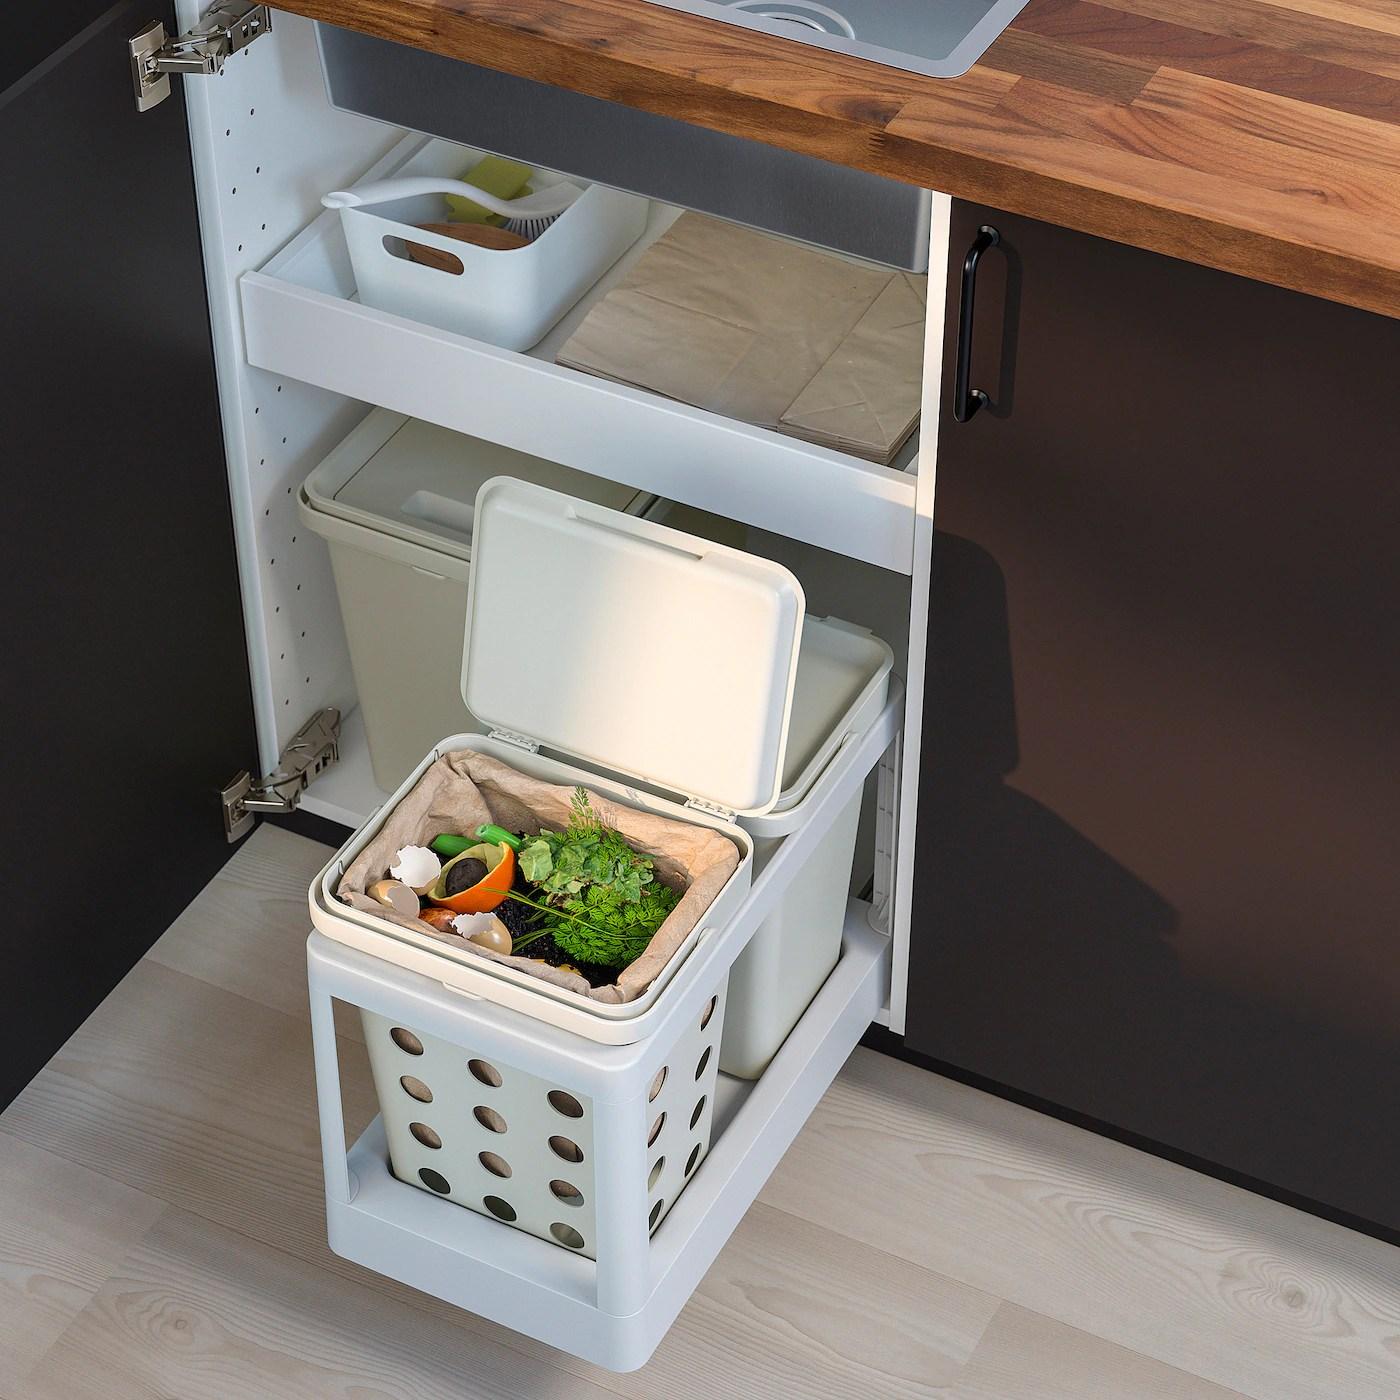 Cerchi idee nuove per tavola e cucina? Accessori Interni Per Mobili Da Cucina It Ikea It